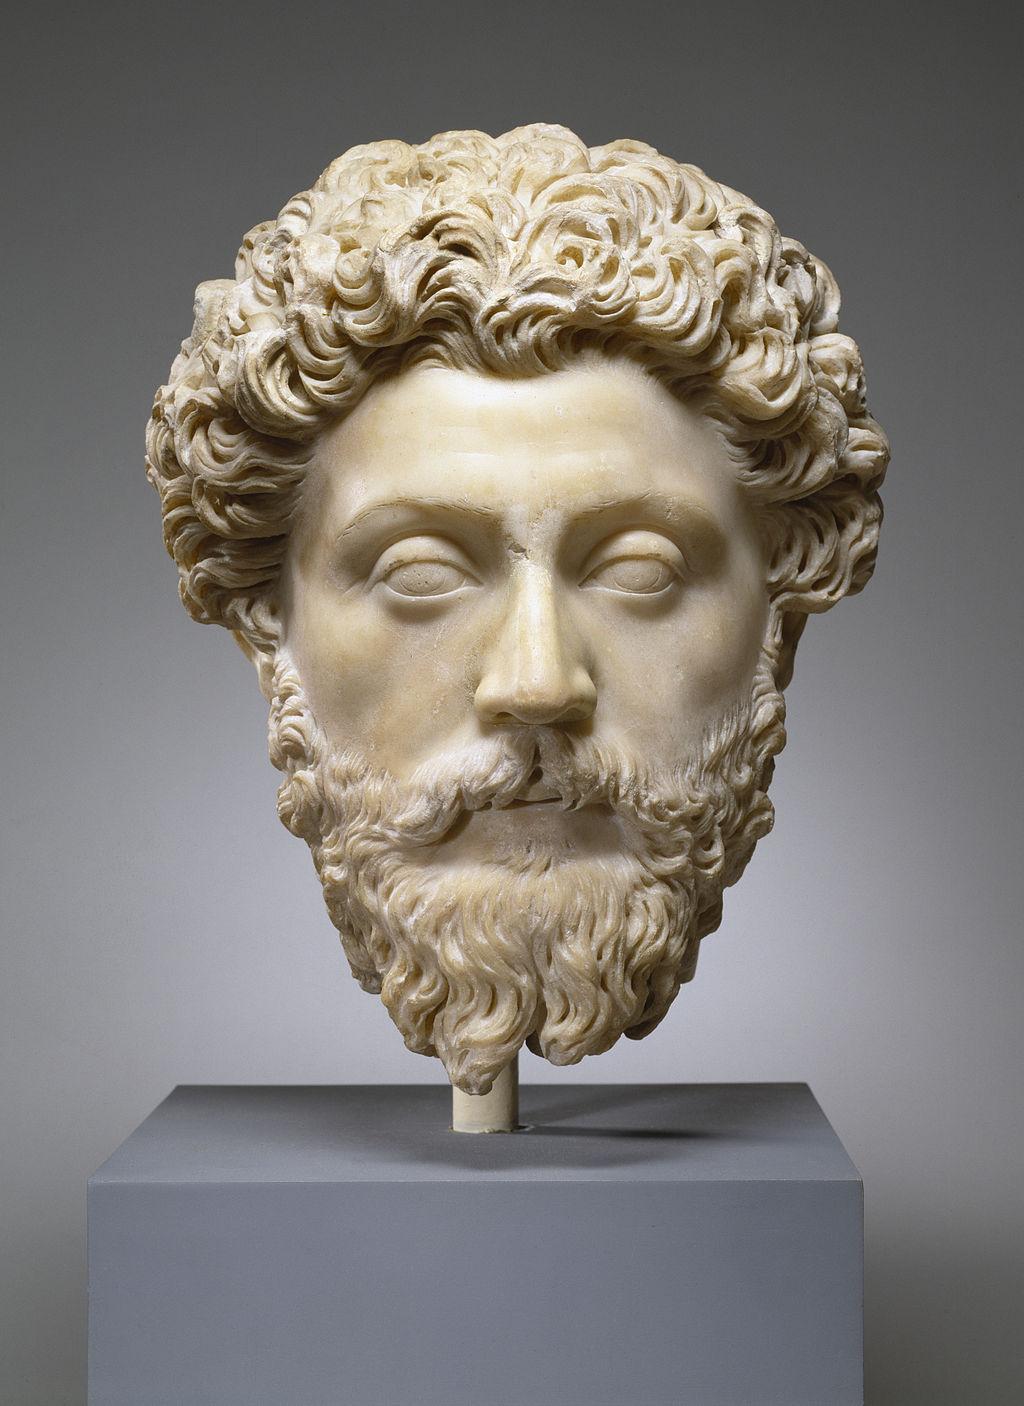 Portrait of the Emperor Marcus Aurelius